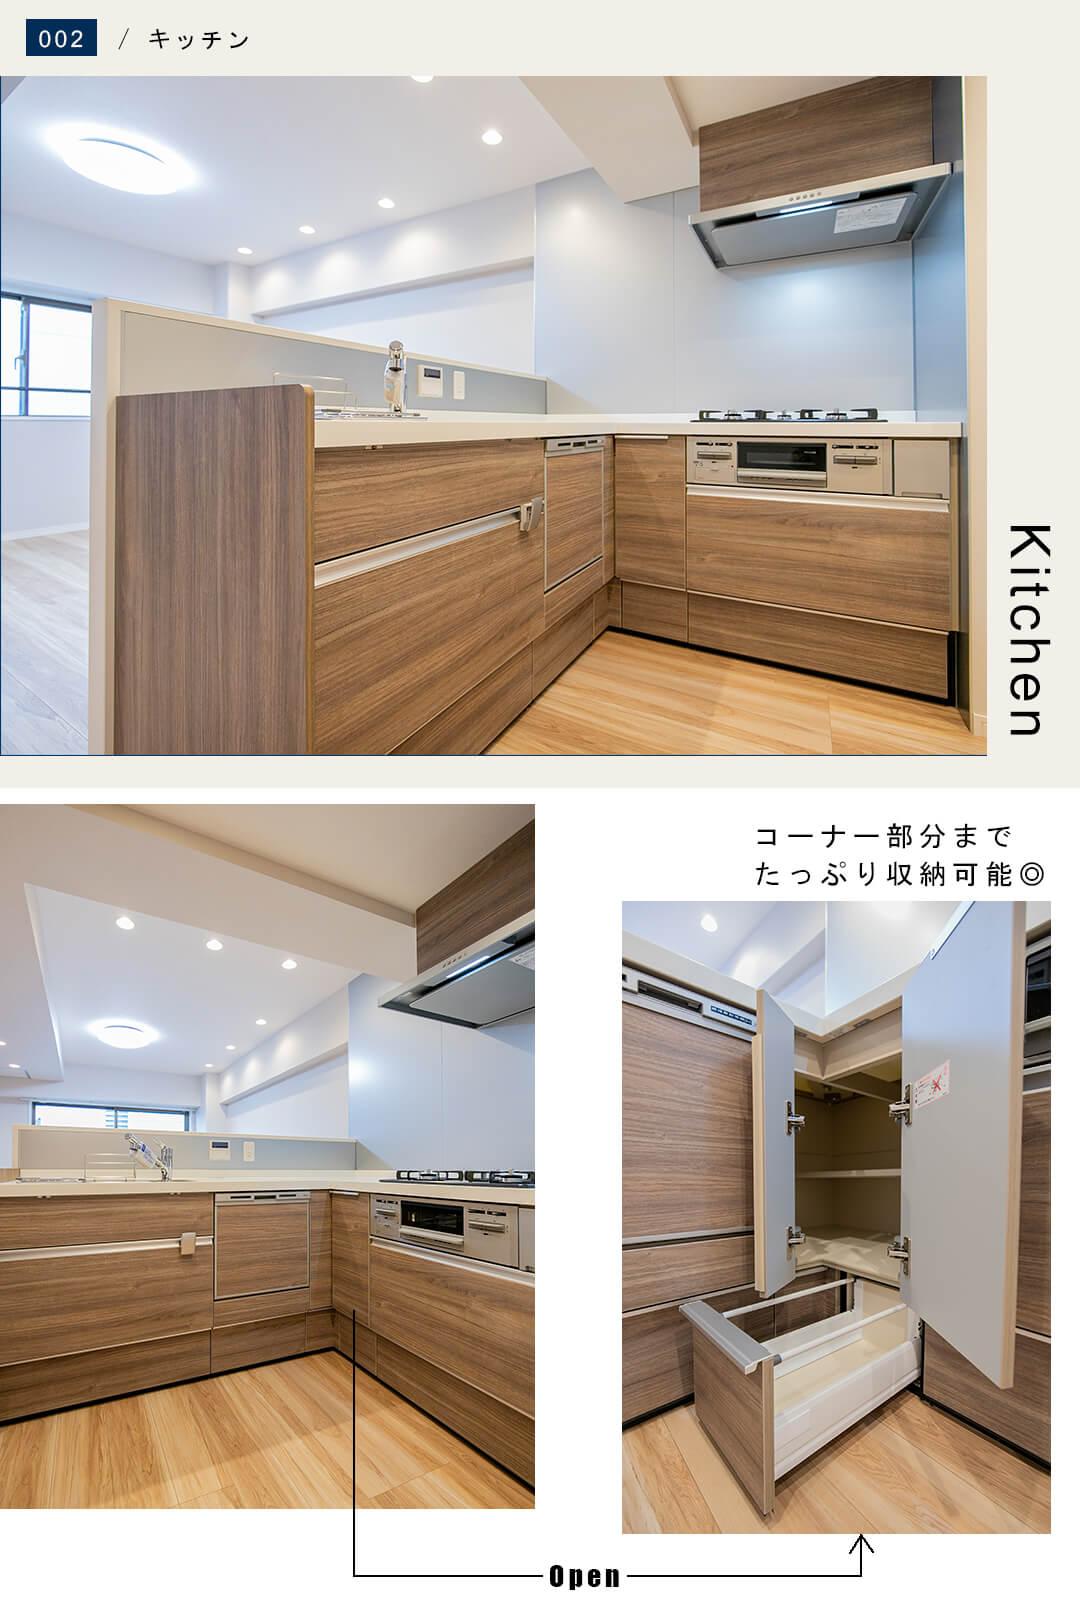 メイツ新宿なつめ坂のキッチン